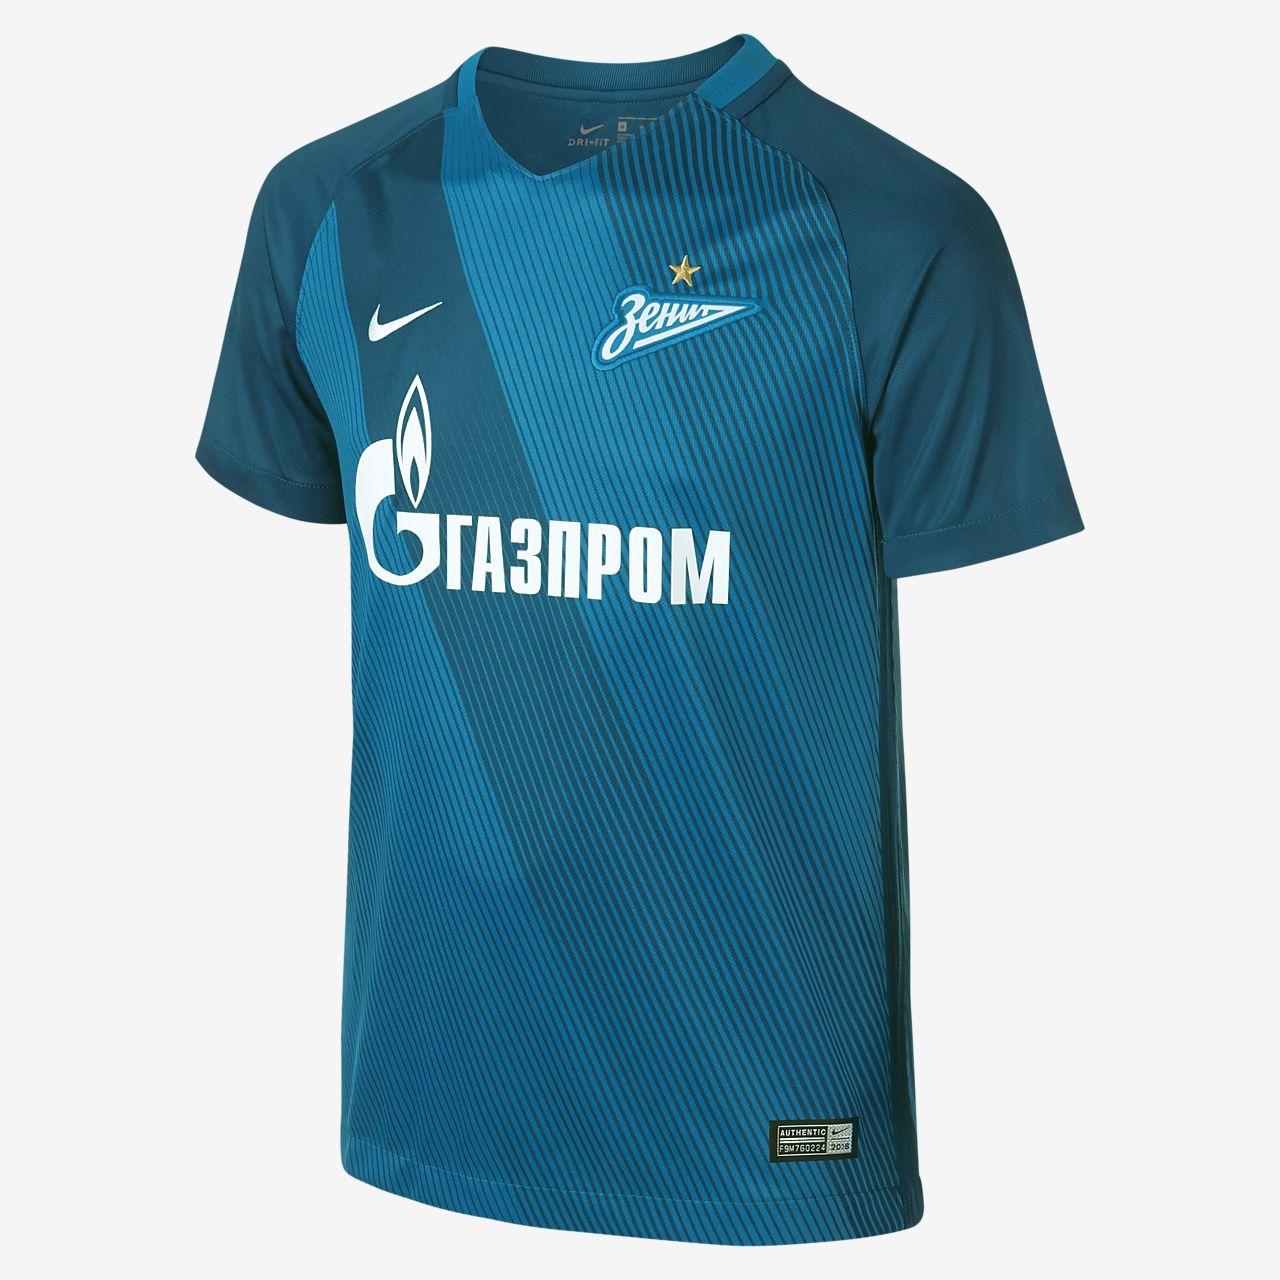 f8e801af0b26e ... Camiseta de fútbol para niños talla grande FC Zenit de local y  visitante para aficionados